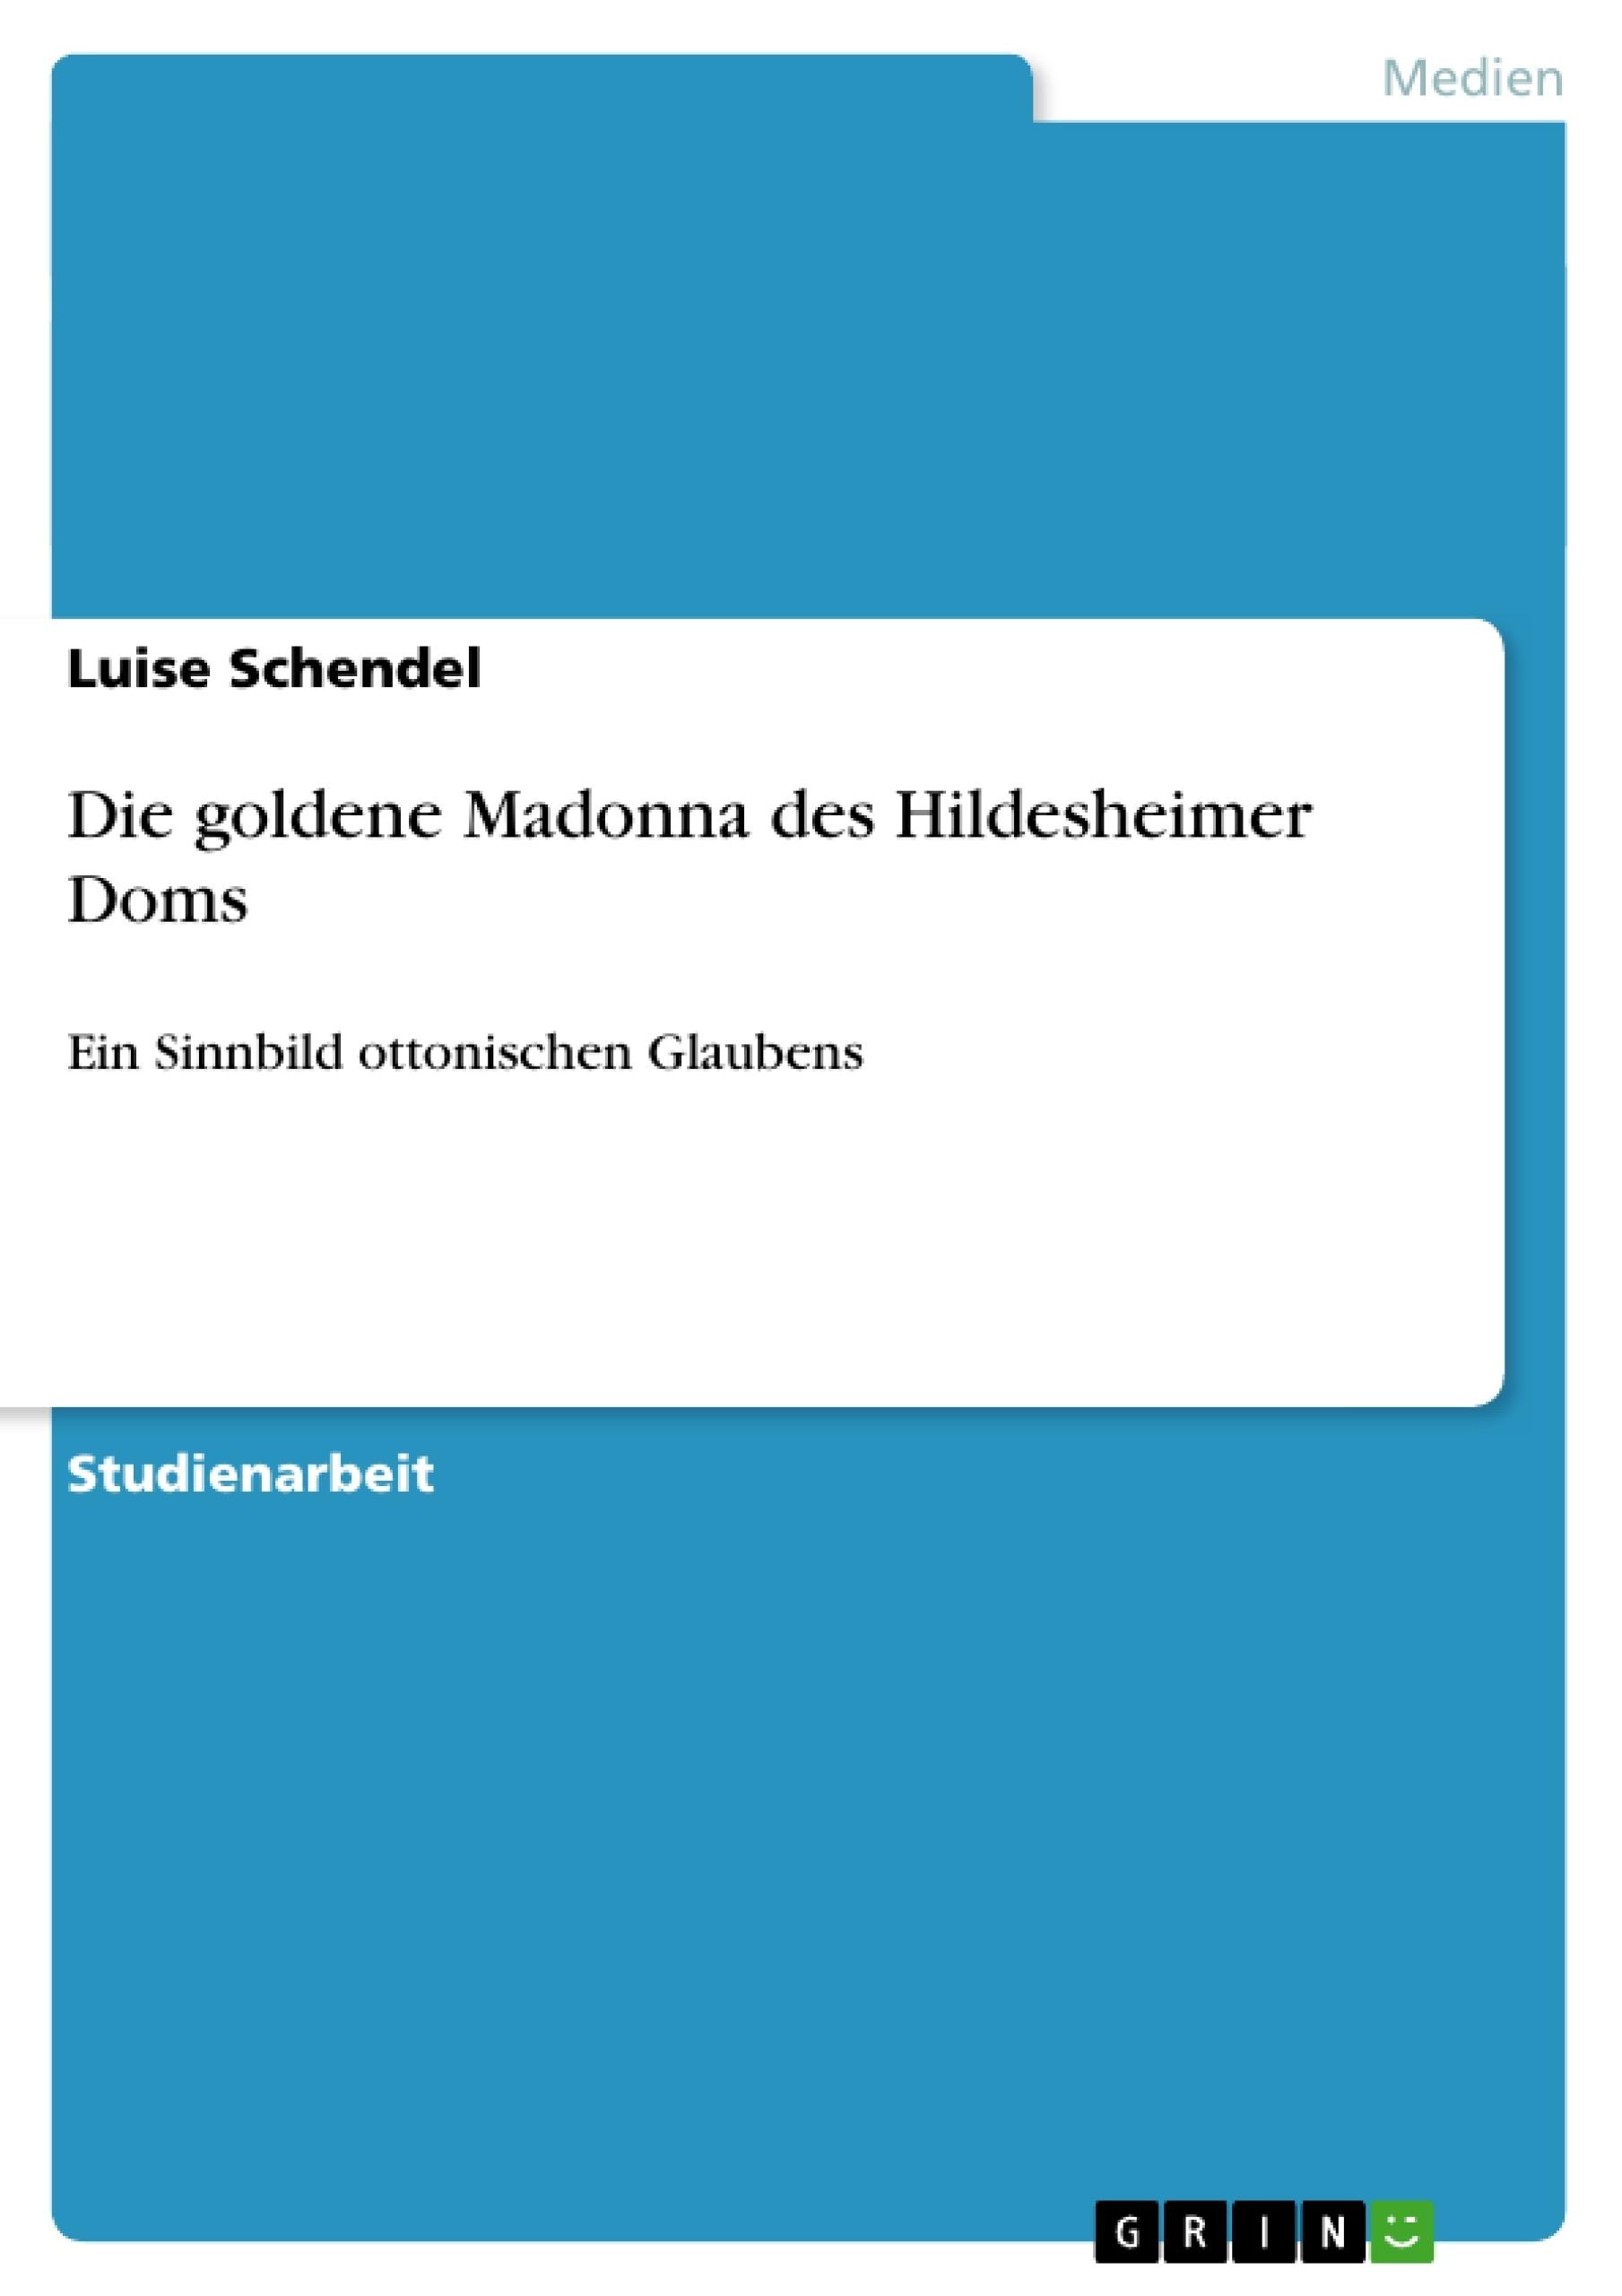 Titel: Die goldene Madonna des Hildesheimer Doms